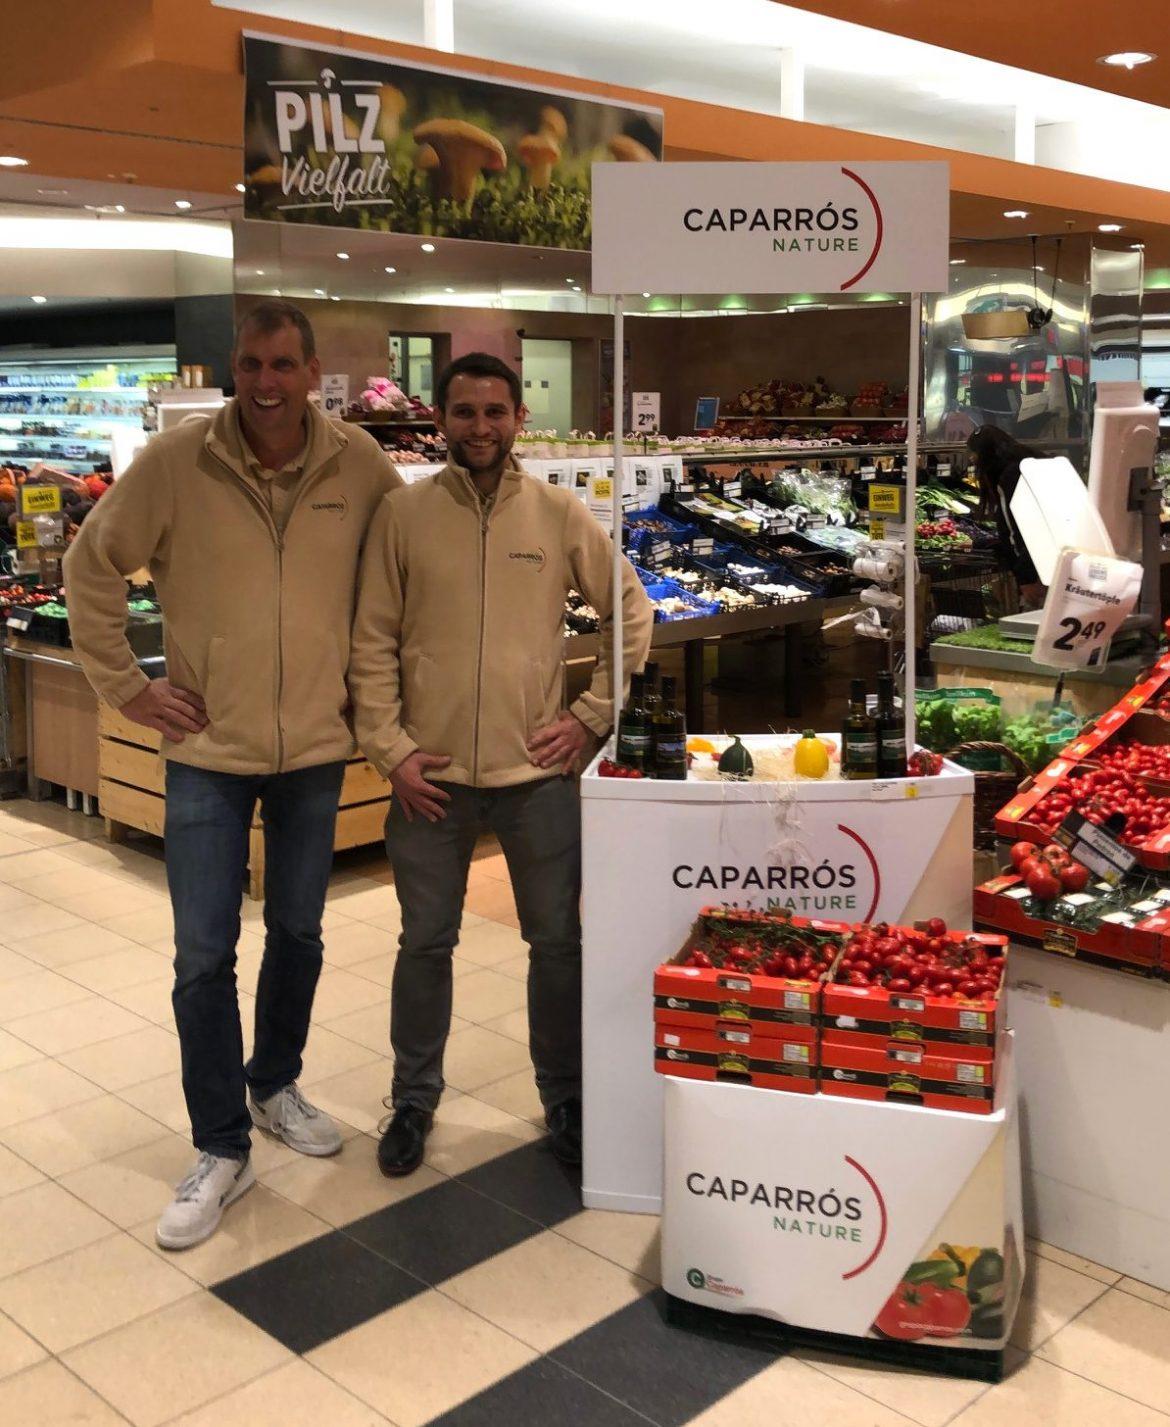 Caparrós verkostung bei Citti Team